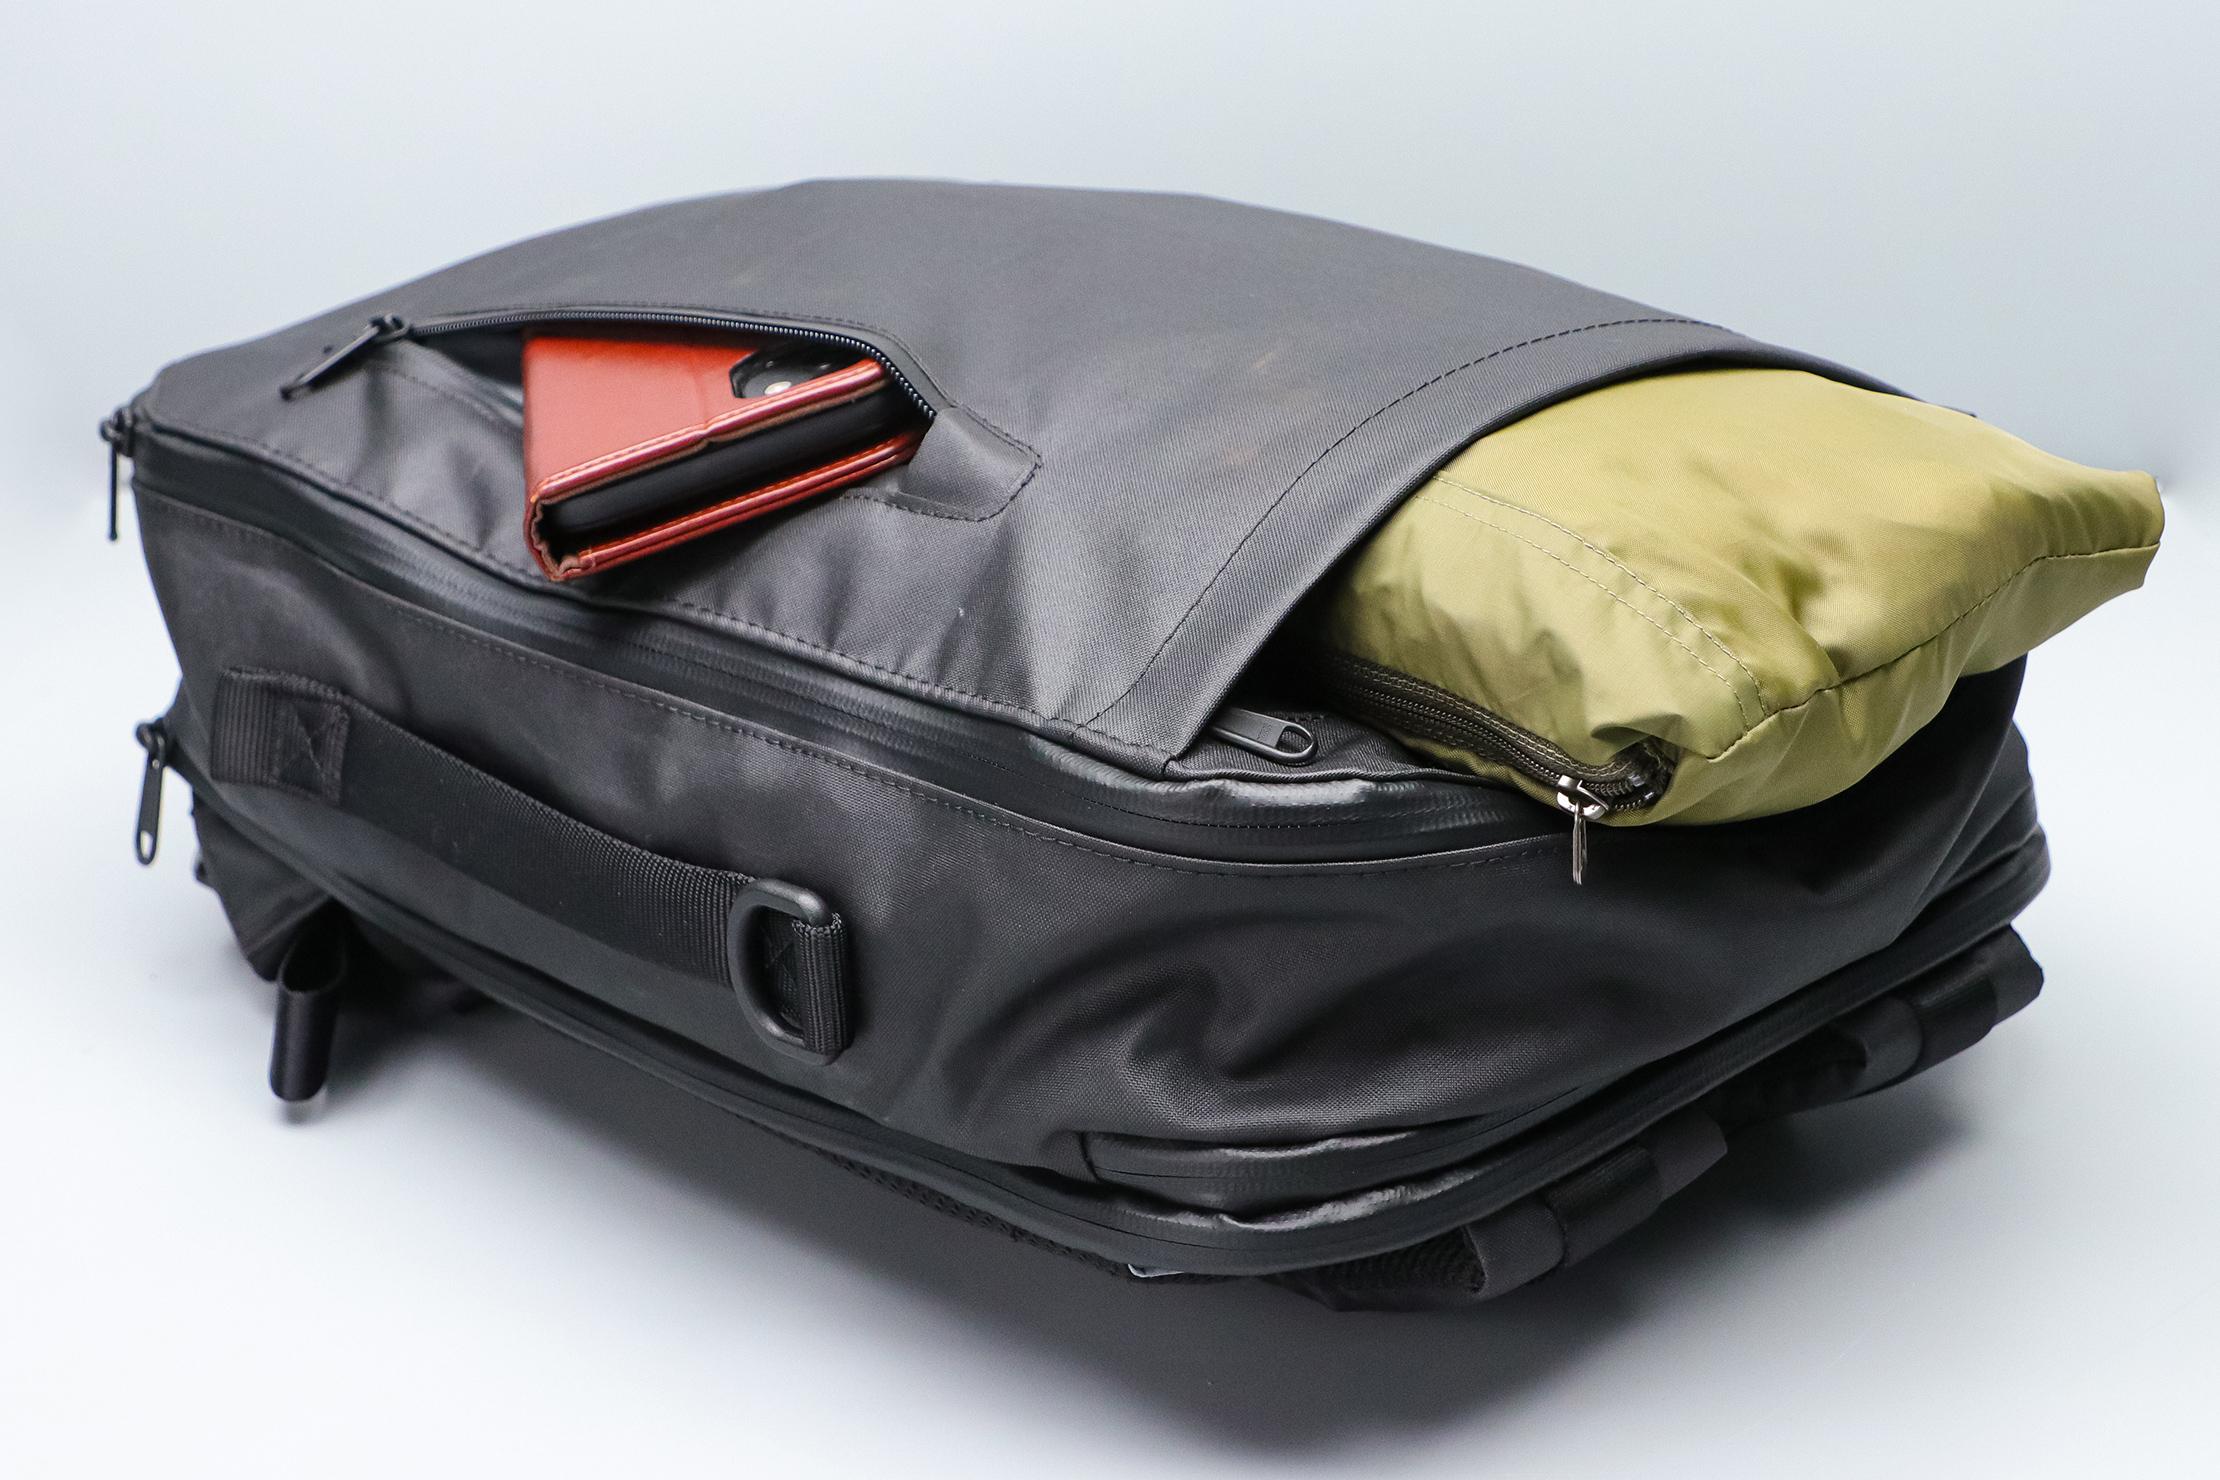 Gravel Backpack Travel System 11L Font and Top Pocket